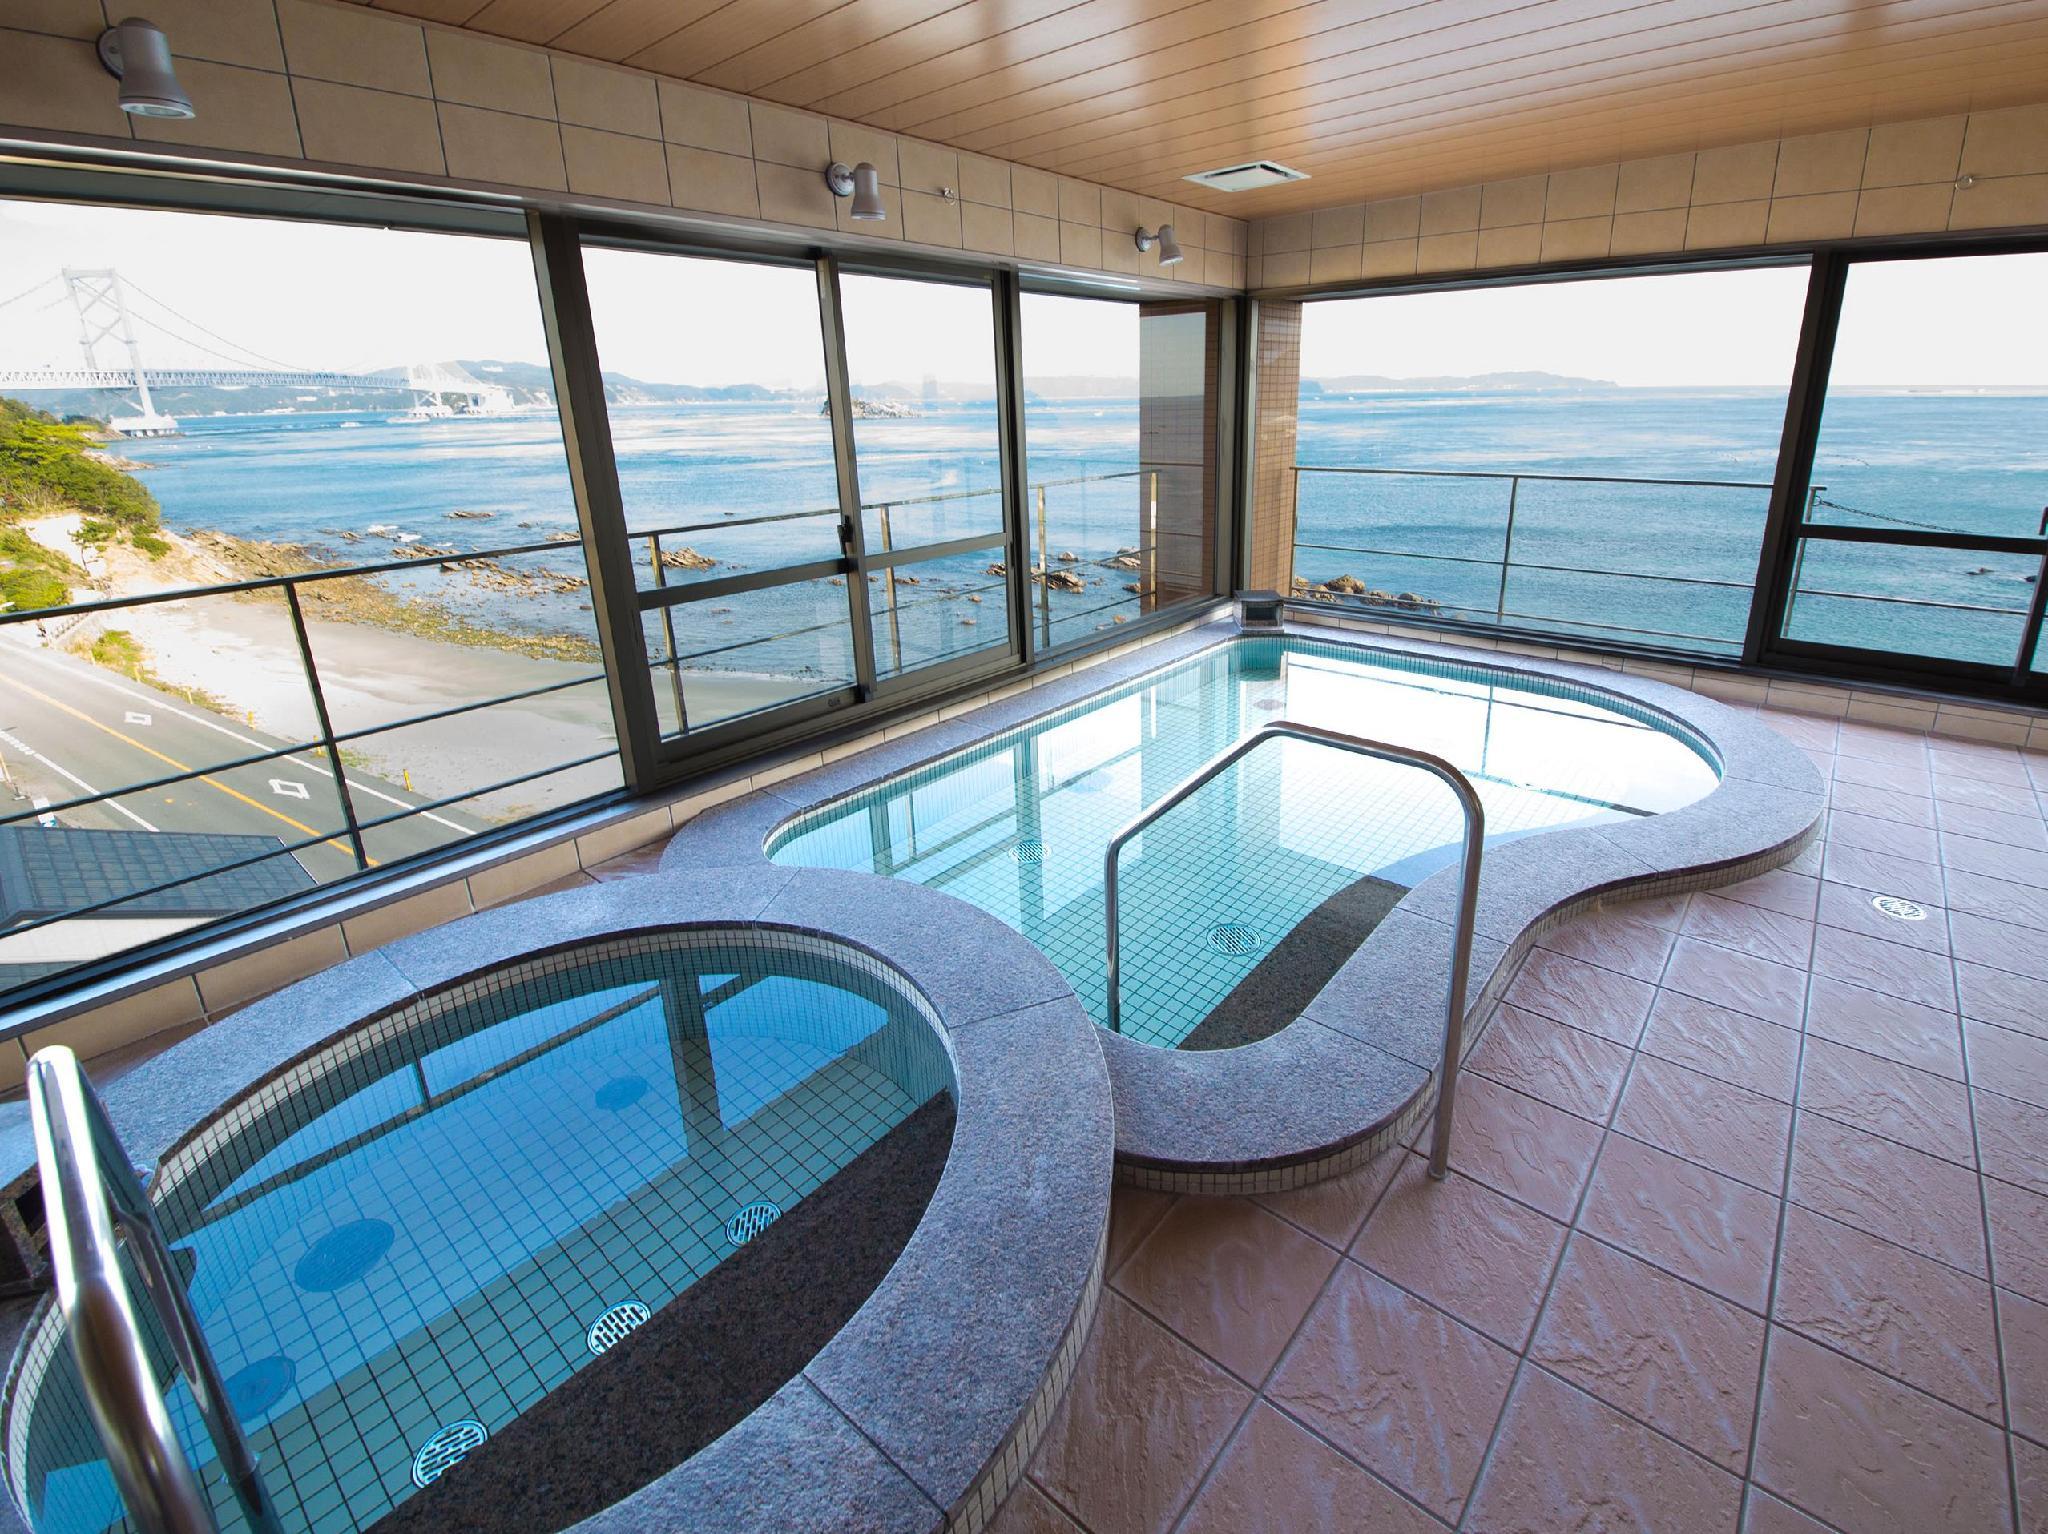 Seaside Hotel Taimaru Kaigetsu